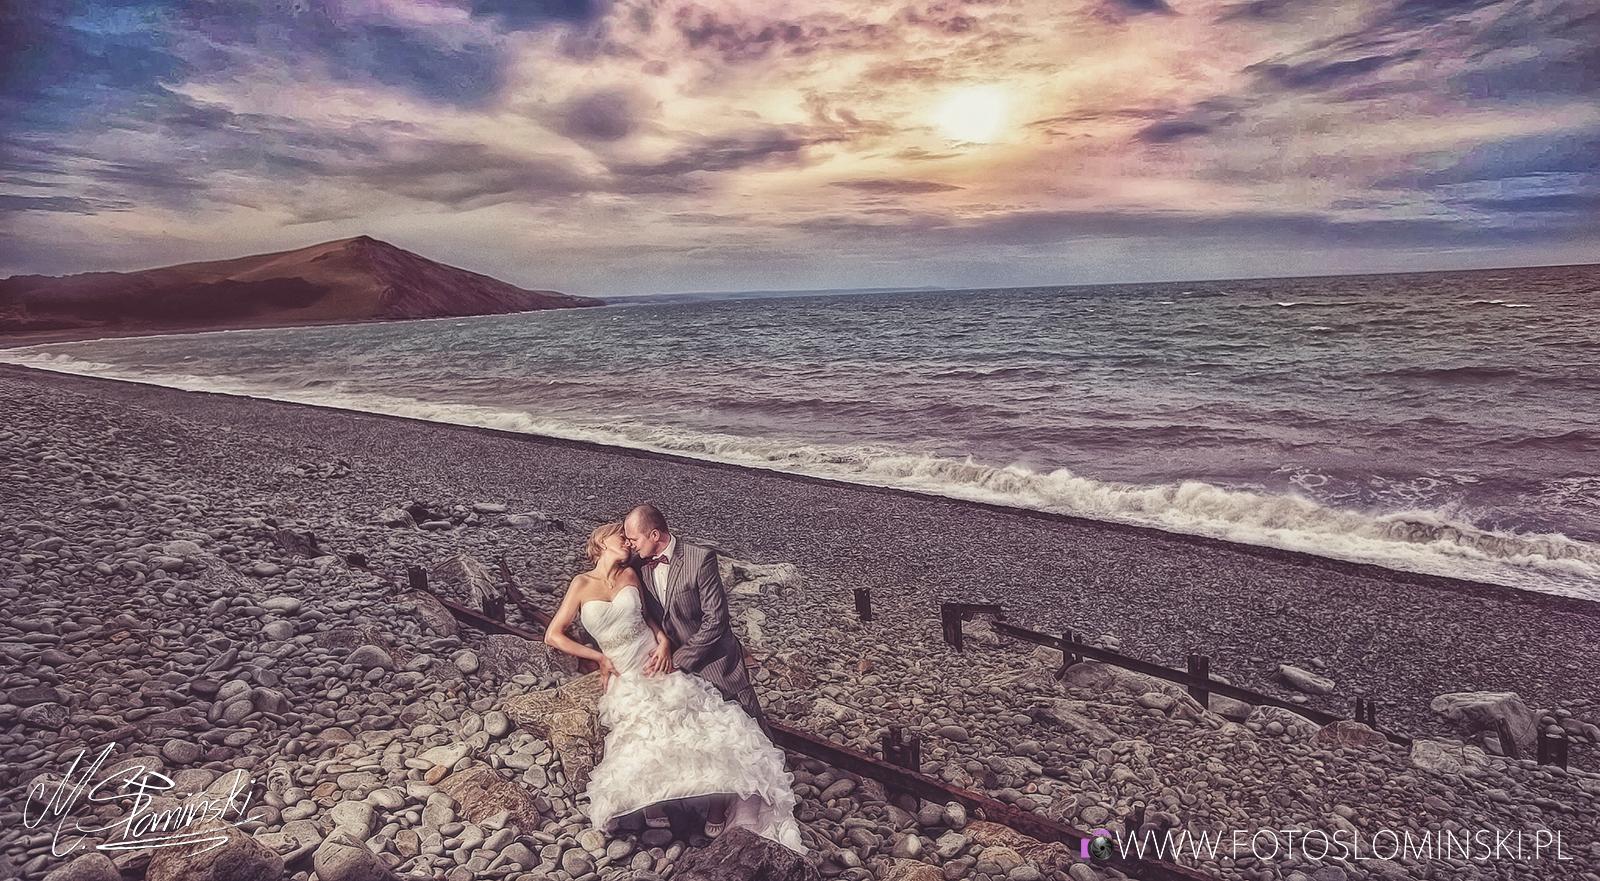 Jakie są ciekawe miejsca na sesję ślubną ? Walijsckie plaże i klify - fotoslominski.pl